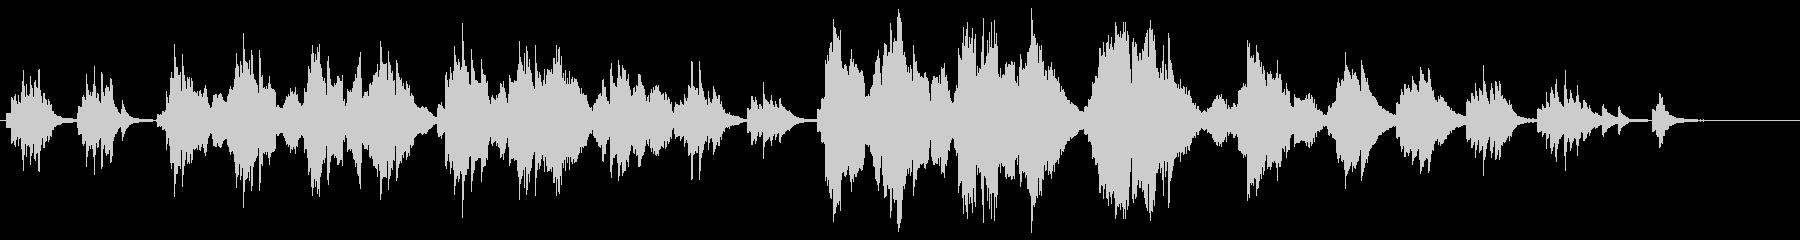 夏の星空・感動的なピアノ・バイオリン演奏の未再生の波形